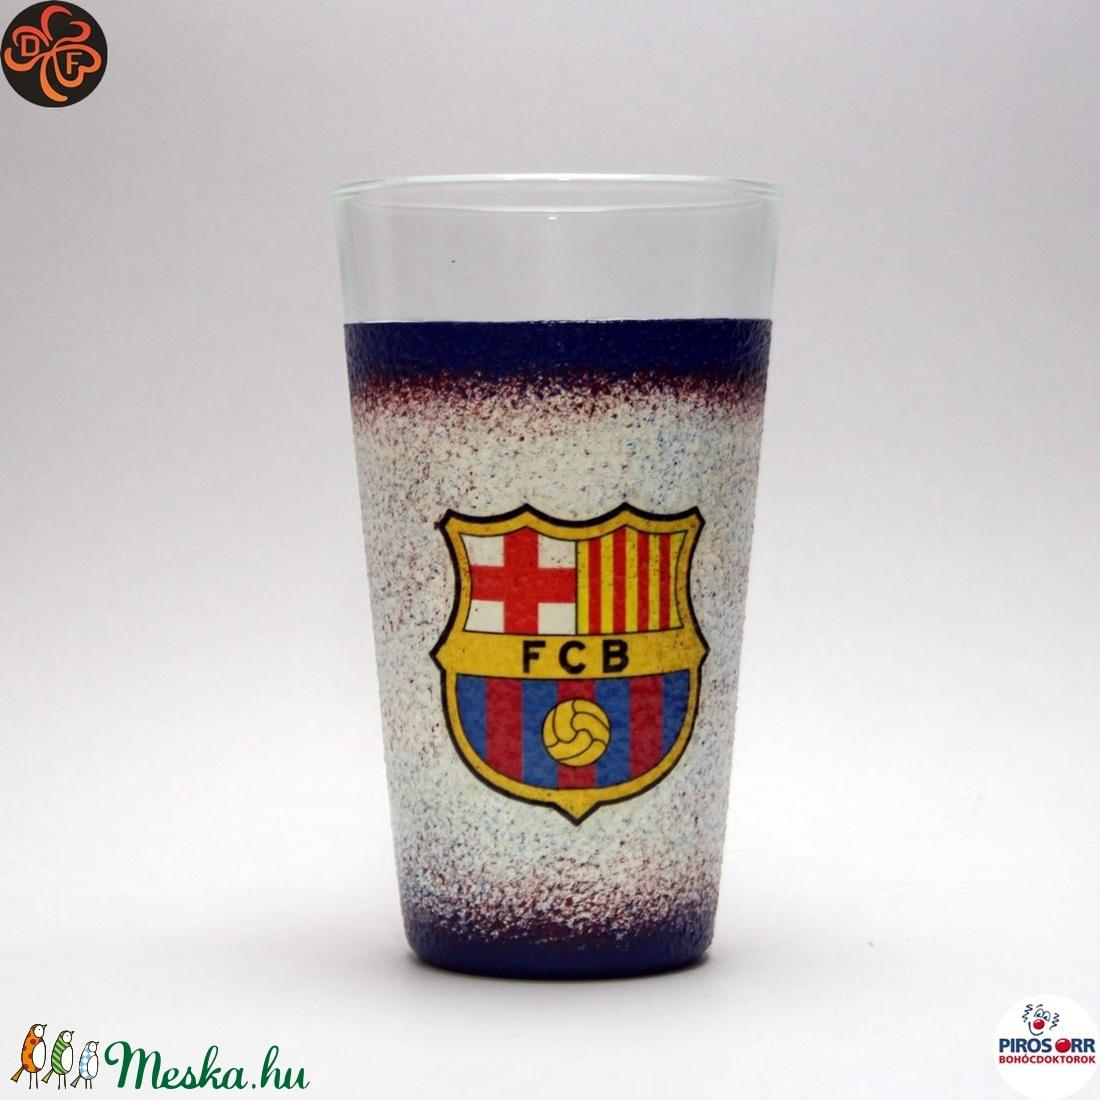 FC Barcelona üdítős pohár ; foci szurkoló fiúknak, gyerekeknek (decorfantasy) - Meska.hu